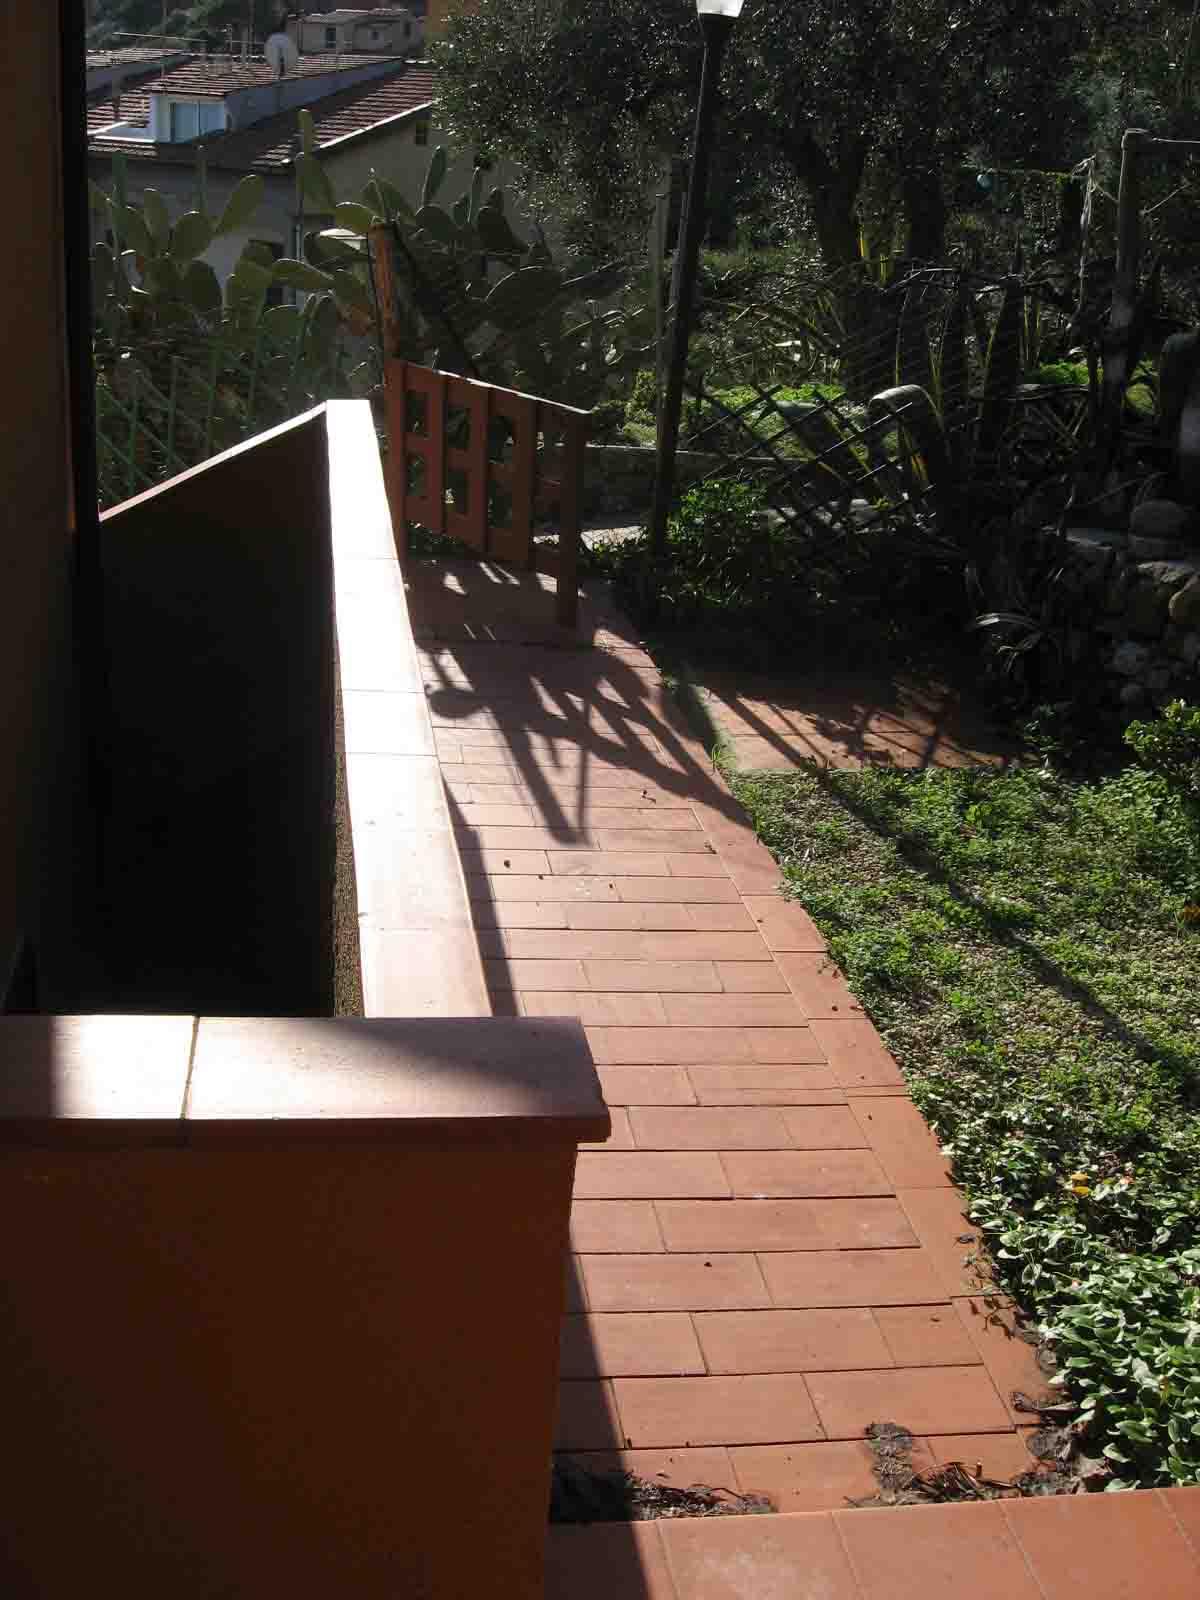 Appartamento a 80 metri dalla passeggiata (4/5 posti letto) rif. MARIA1